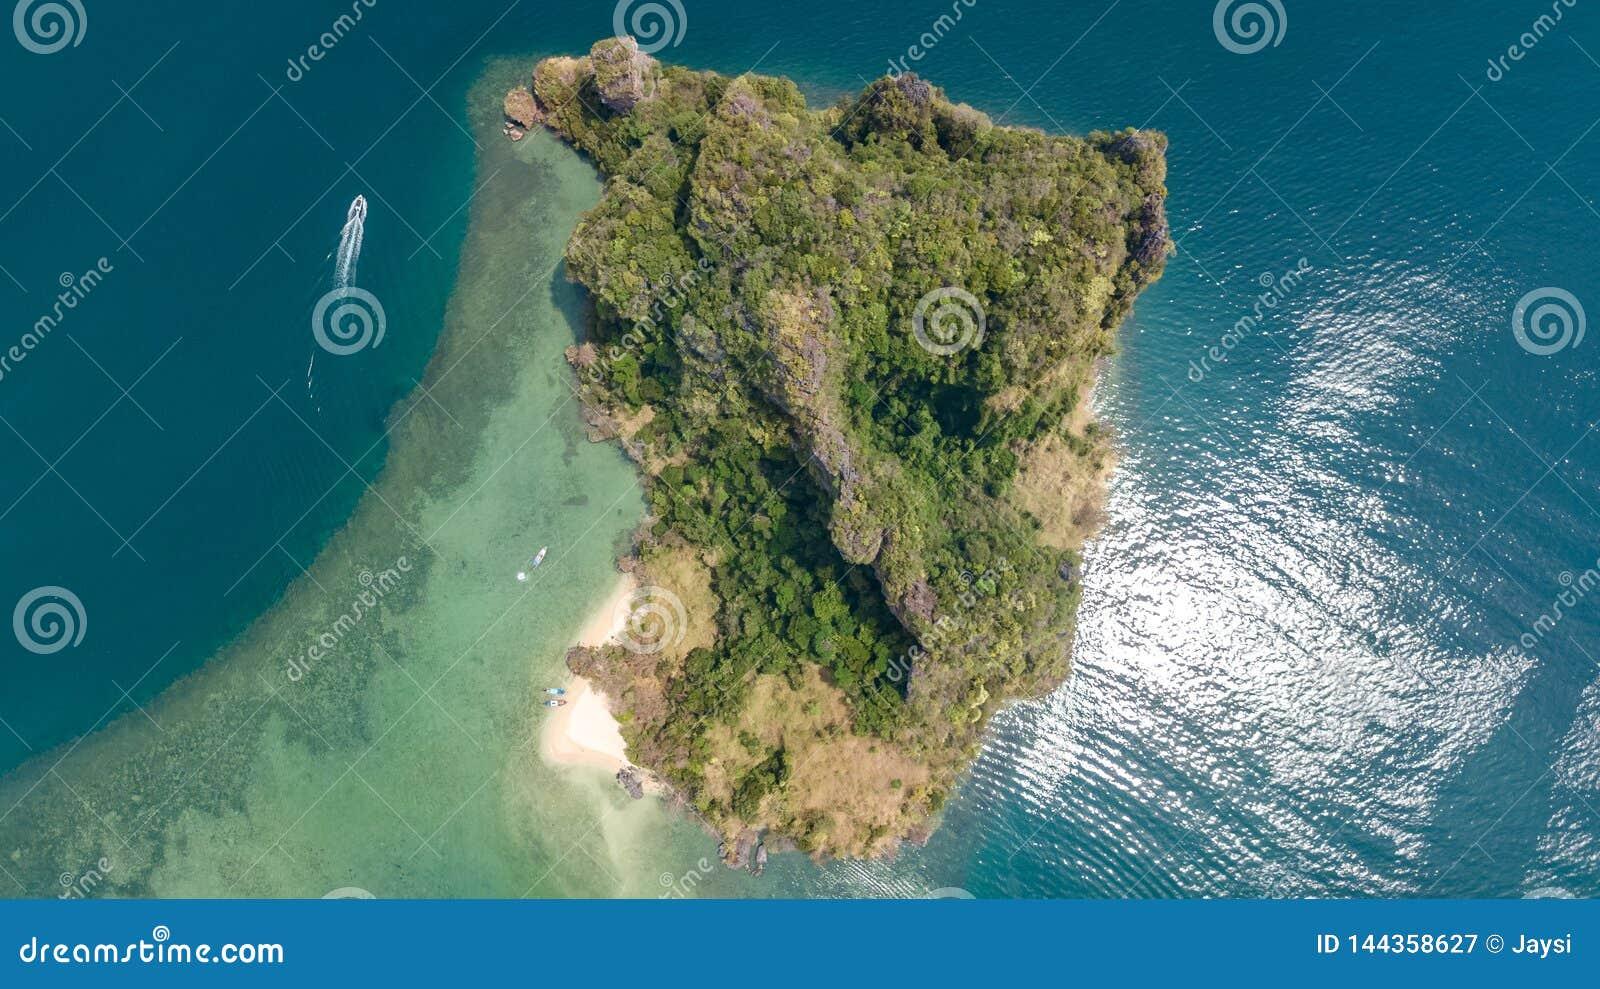 Powietrzny trutnia widok tropikalne wyspy, plaże i łodzie w błękicie, rozjaśniamy Andaman wodę morską z góry, piękne archipelag w